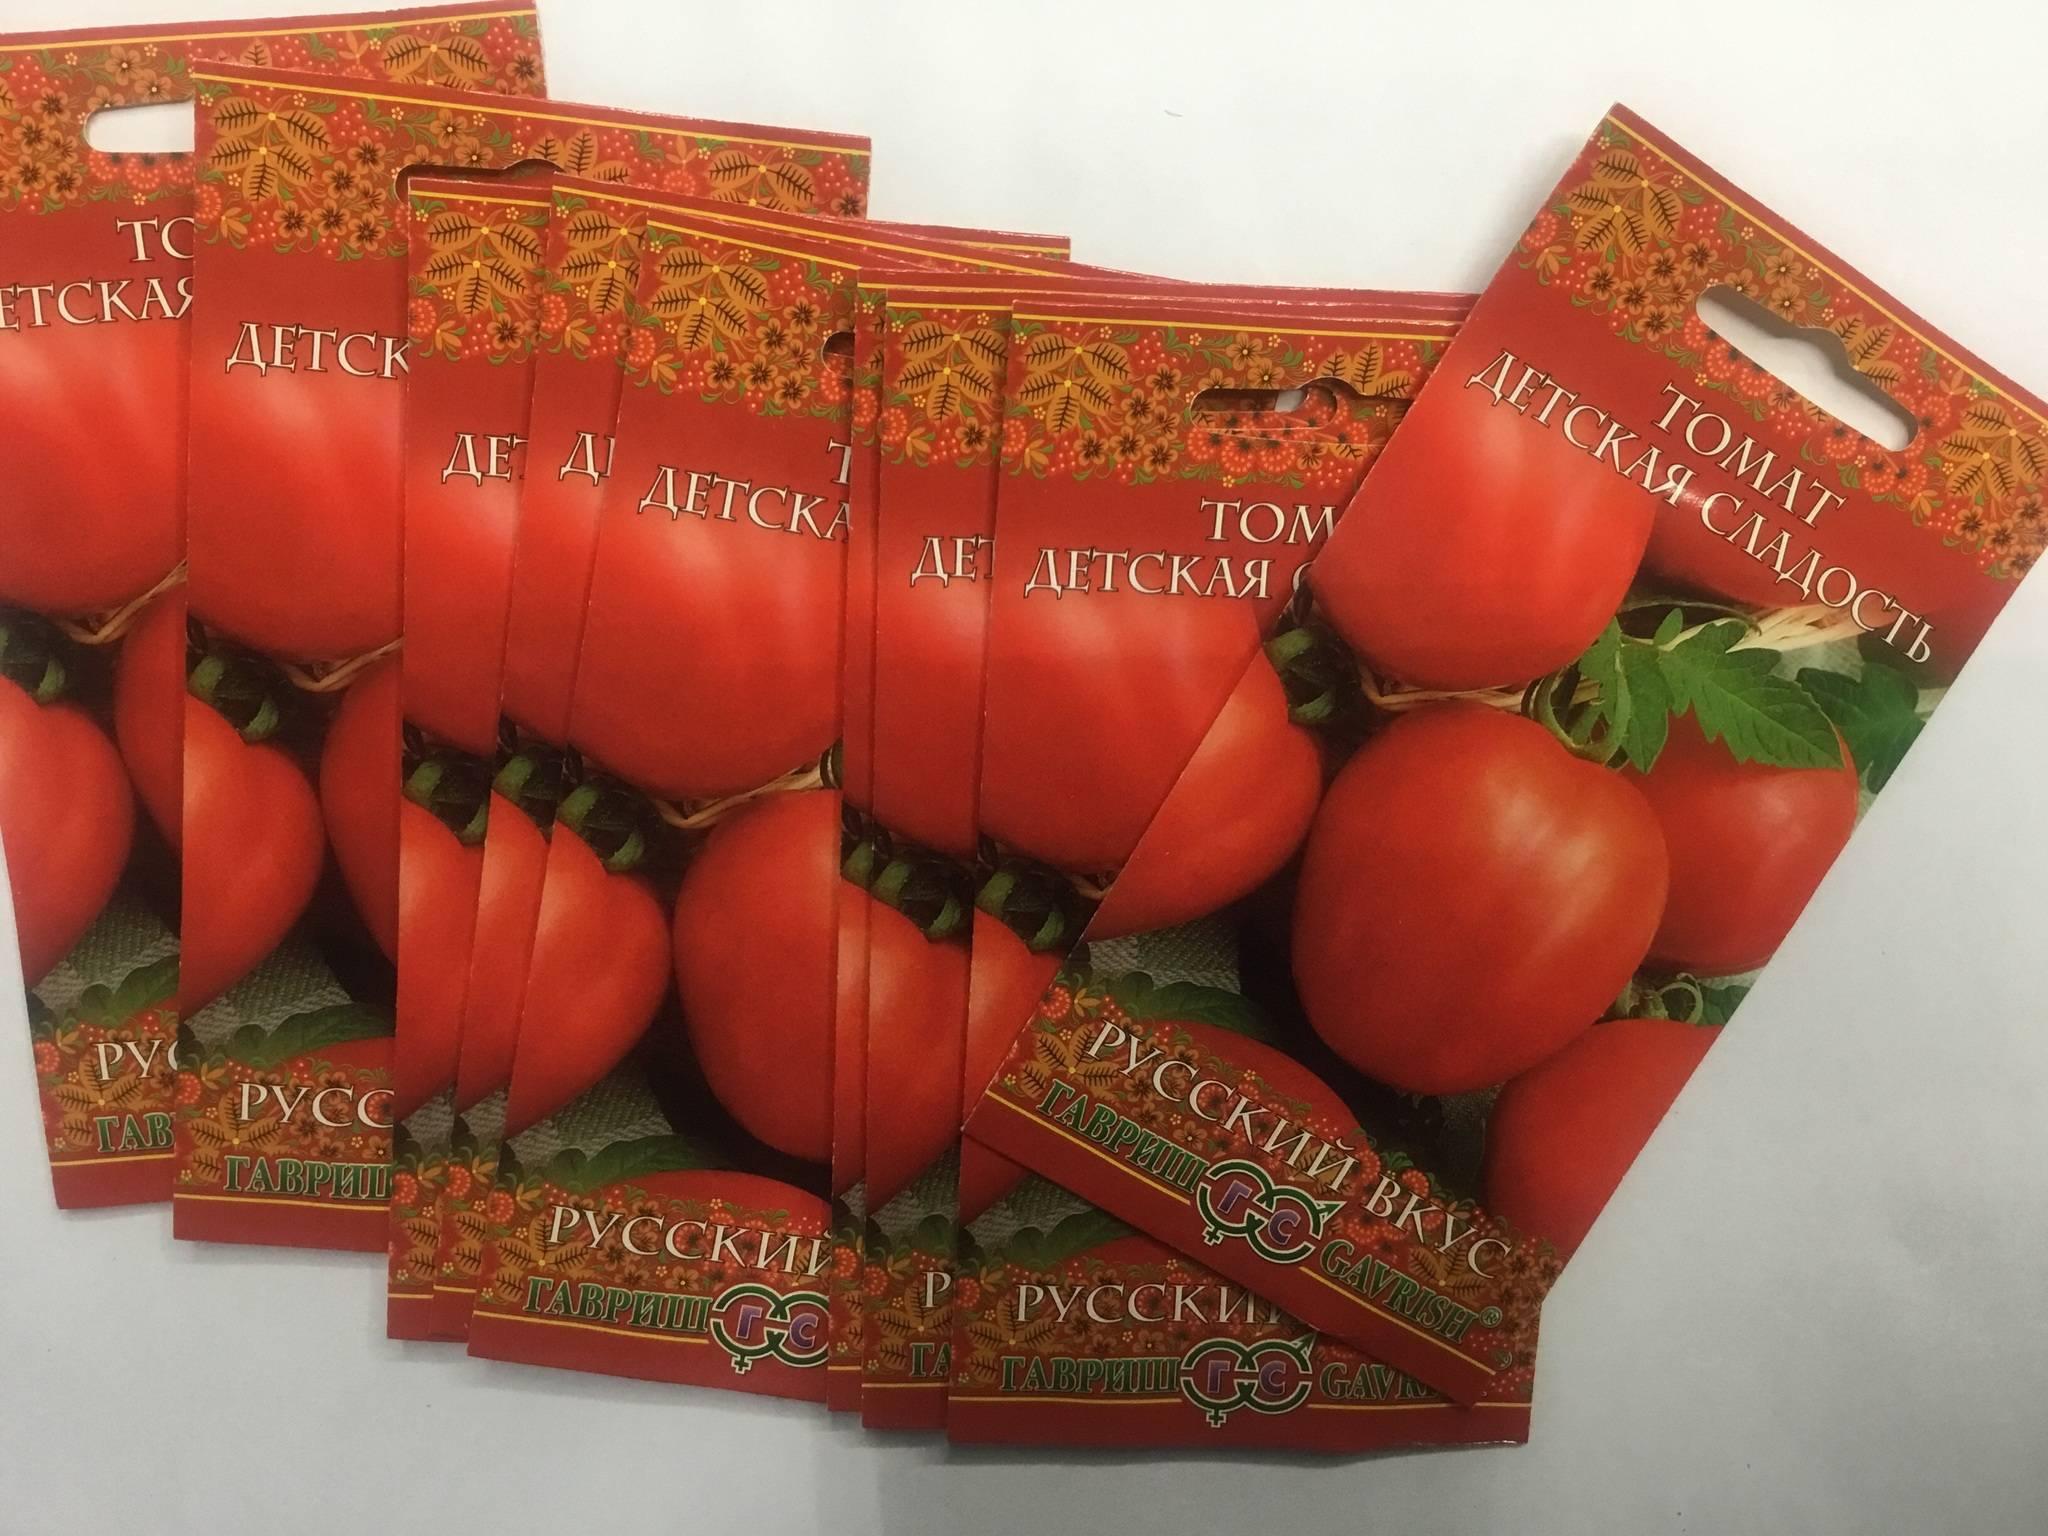 Описание сорта томата галина и его характеристики